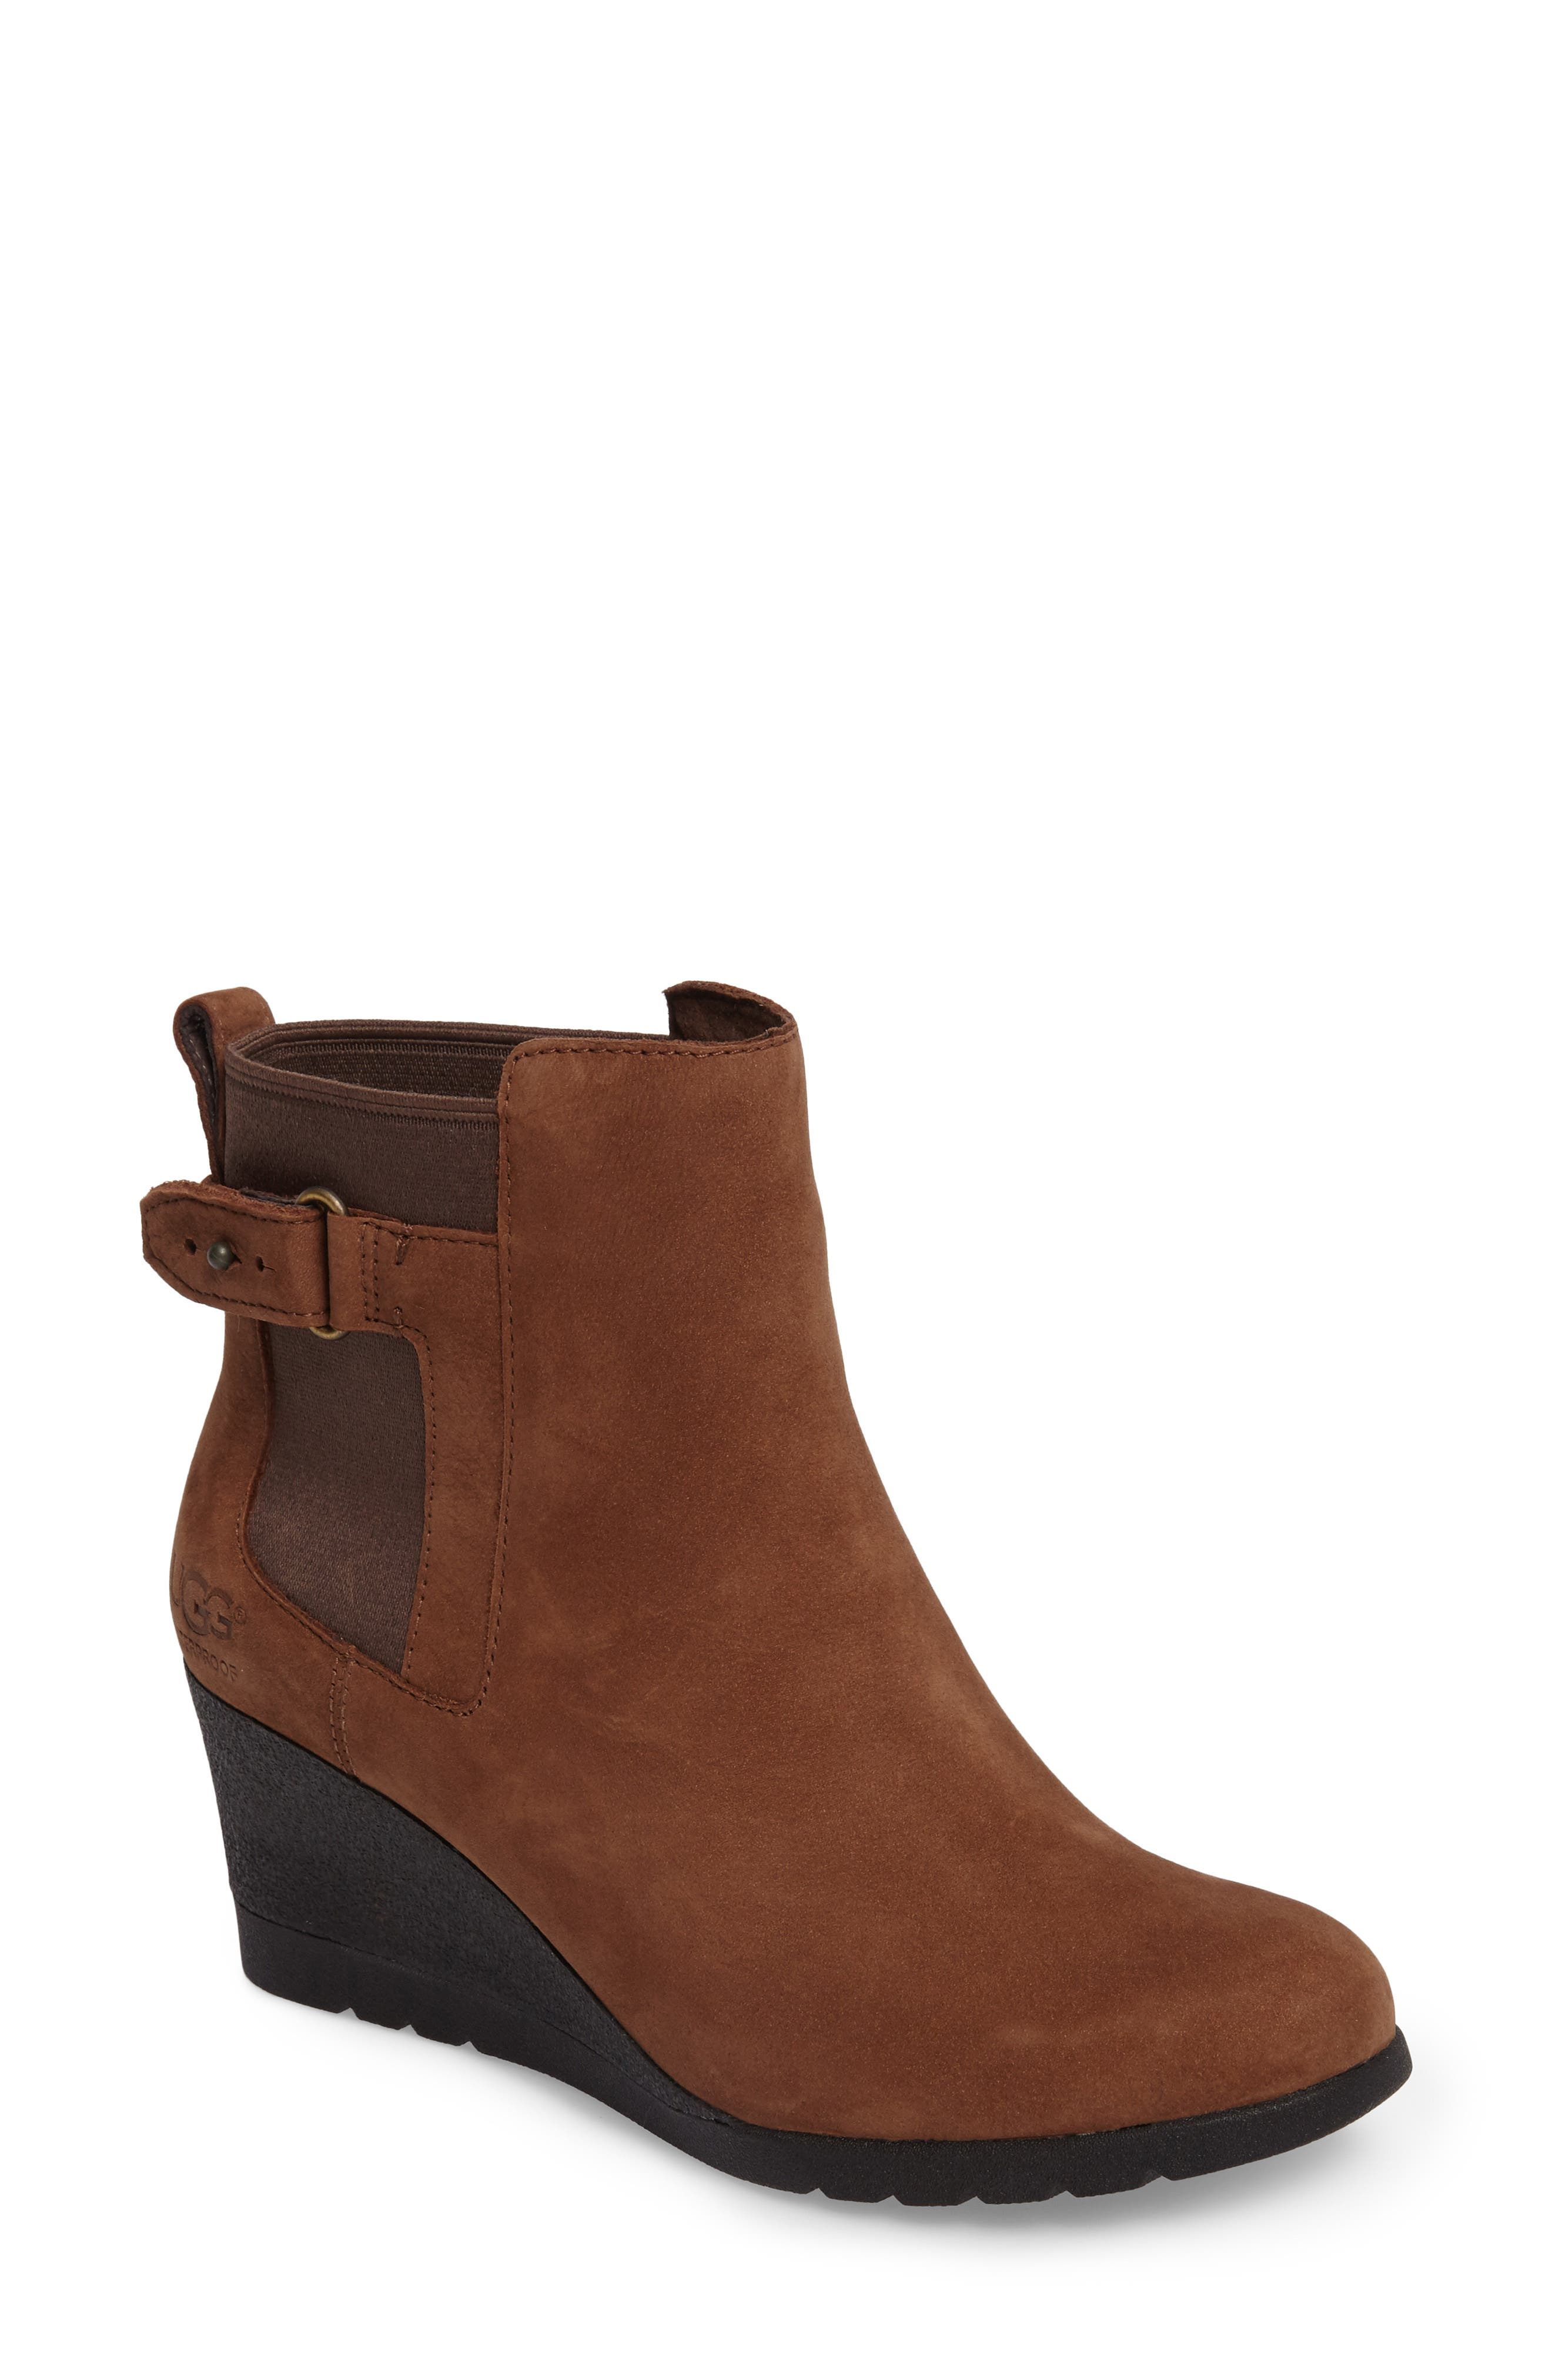 Main Image - UGG® Waterproof Insulated Wedge Boot (Women)